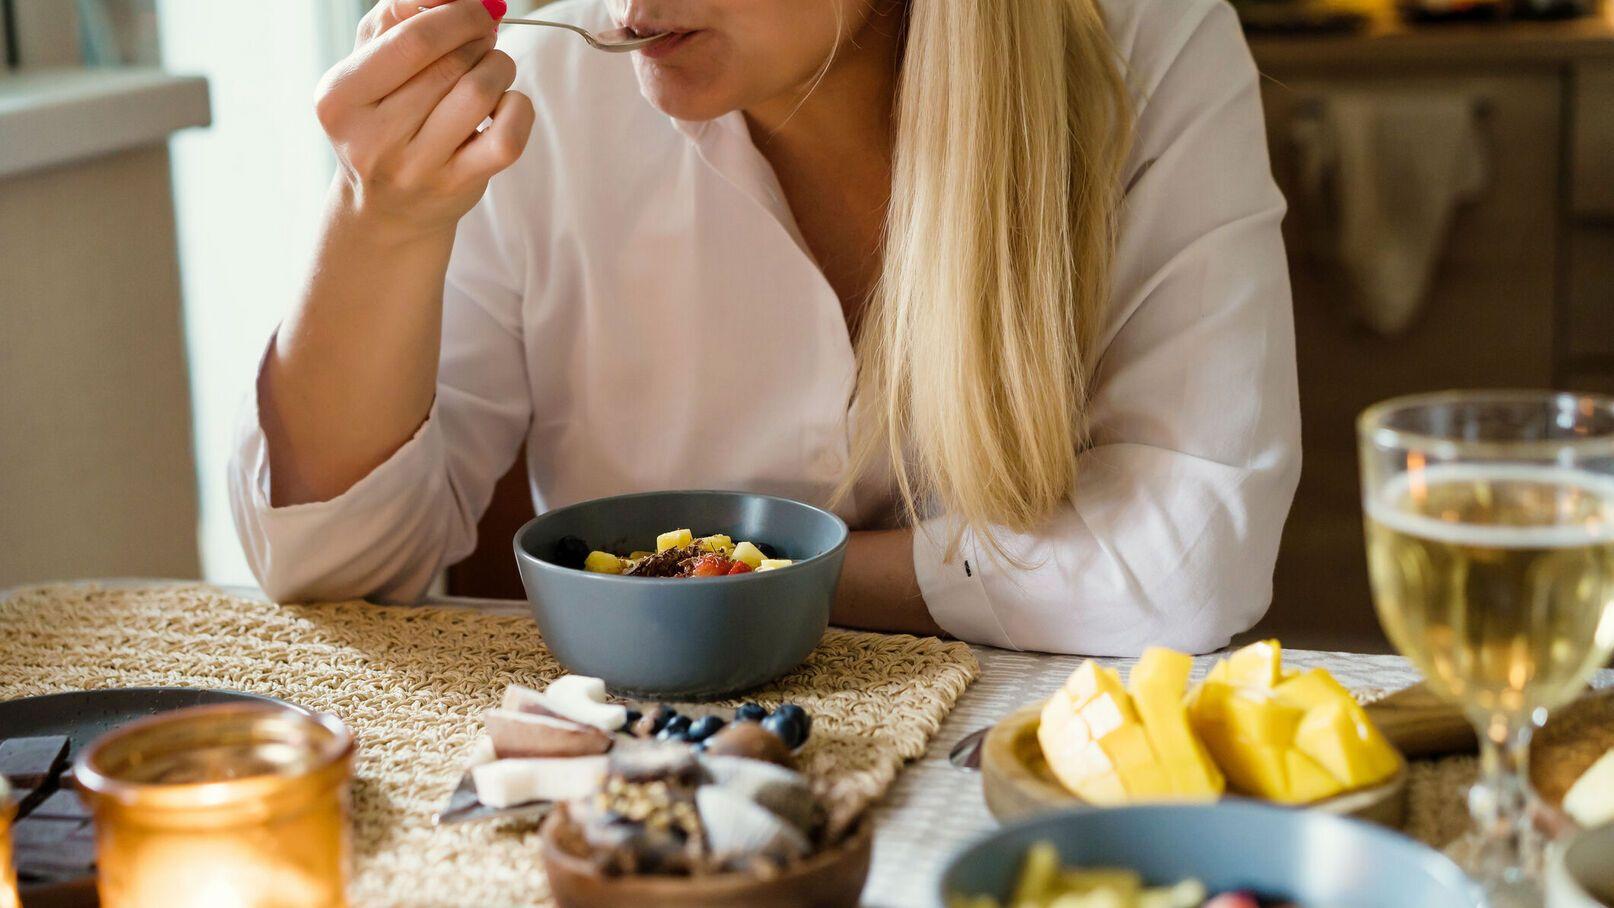 Perdre du poids rapidement : les aliments à éviter